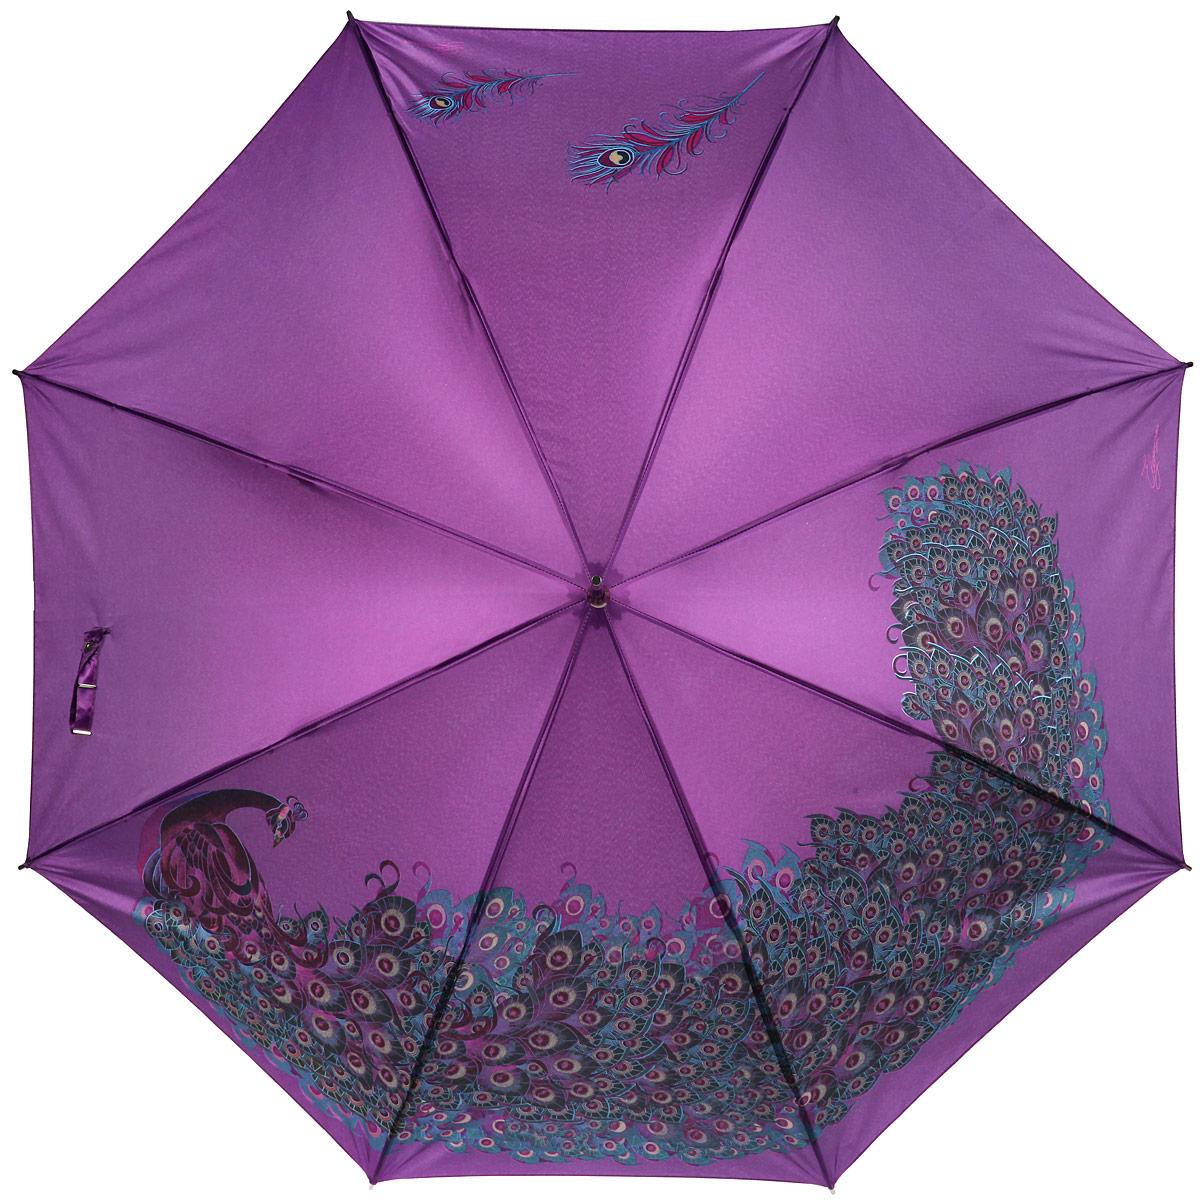 Зонт-трость женский Eleganzza, полуавтомат, цвет: фиолетовый. T-06-0257T-06-0257Яркий зонт-трость Eleganzza оформлен изображением павлина, а также дополнен металлической фурнитурой с символикой бренда. Каркас зонта изготовлен из стали и фибергласса, содержит восемь спиц, а также дополнен эргономичной рукояткой из акрила. Купол выполнен из полиэстера с водоотталкивающей пропиткой. Зонт имеет полуавтоматический механизм сложения: купол открывается нажатием кнопки на рукоятке, стержень и купол складываются вручную до характерного щелчка, благодаря чему открыть зонт можно одной рукой, что чрезвычайно удобно при выходе из транспорта или помещения. Практичный аксессуар даже в ненастную погоду позволит вам оставаться стильной и элегантной.